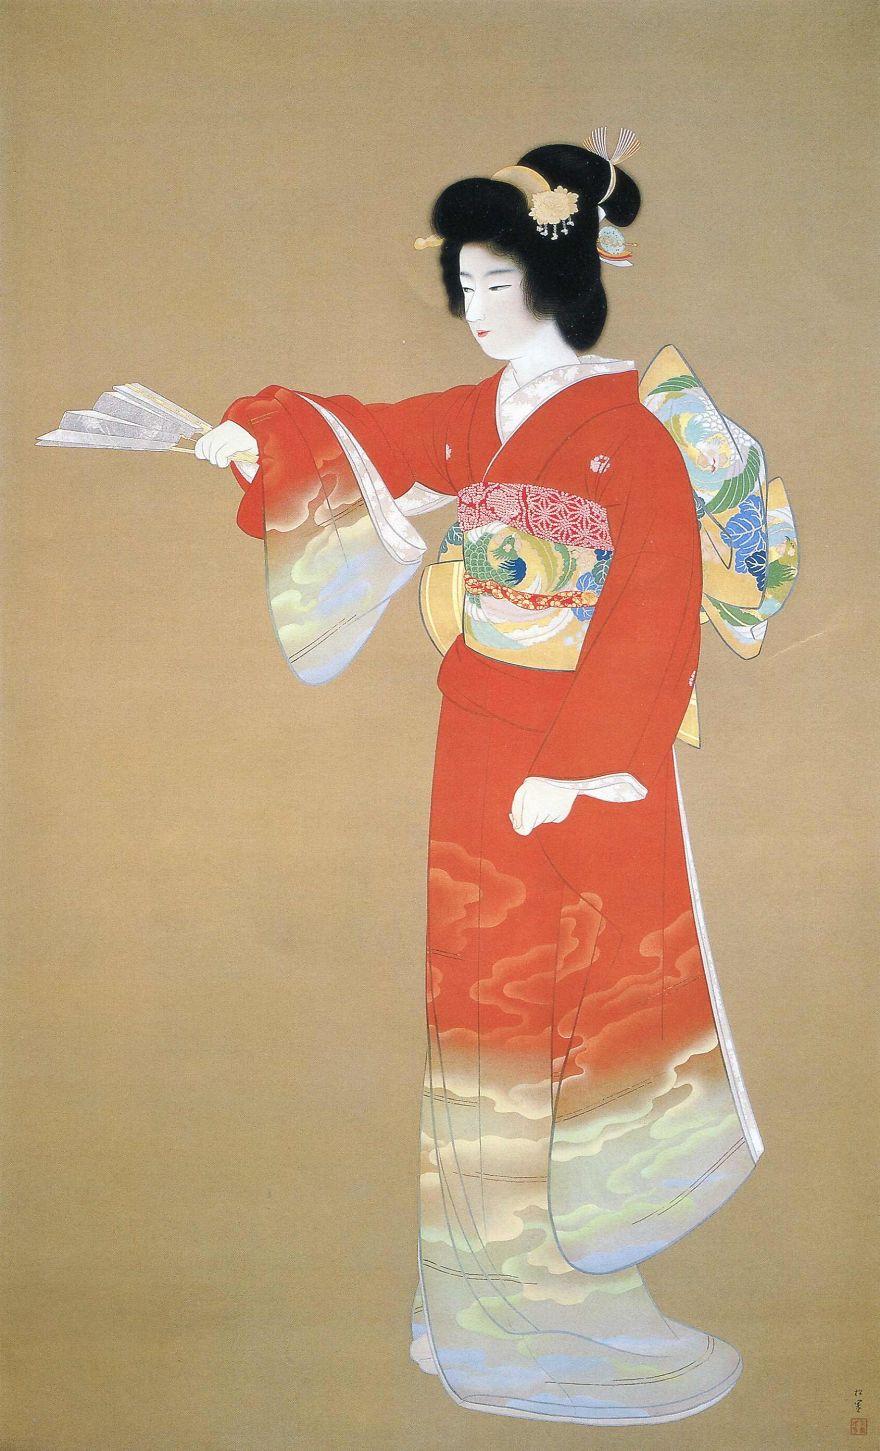 Jo-No-Mai, Uemura Shoen, 1936